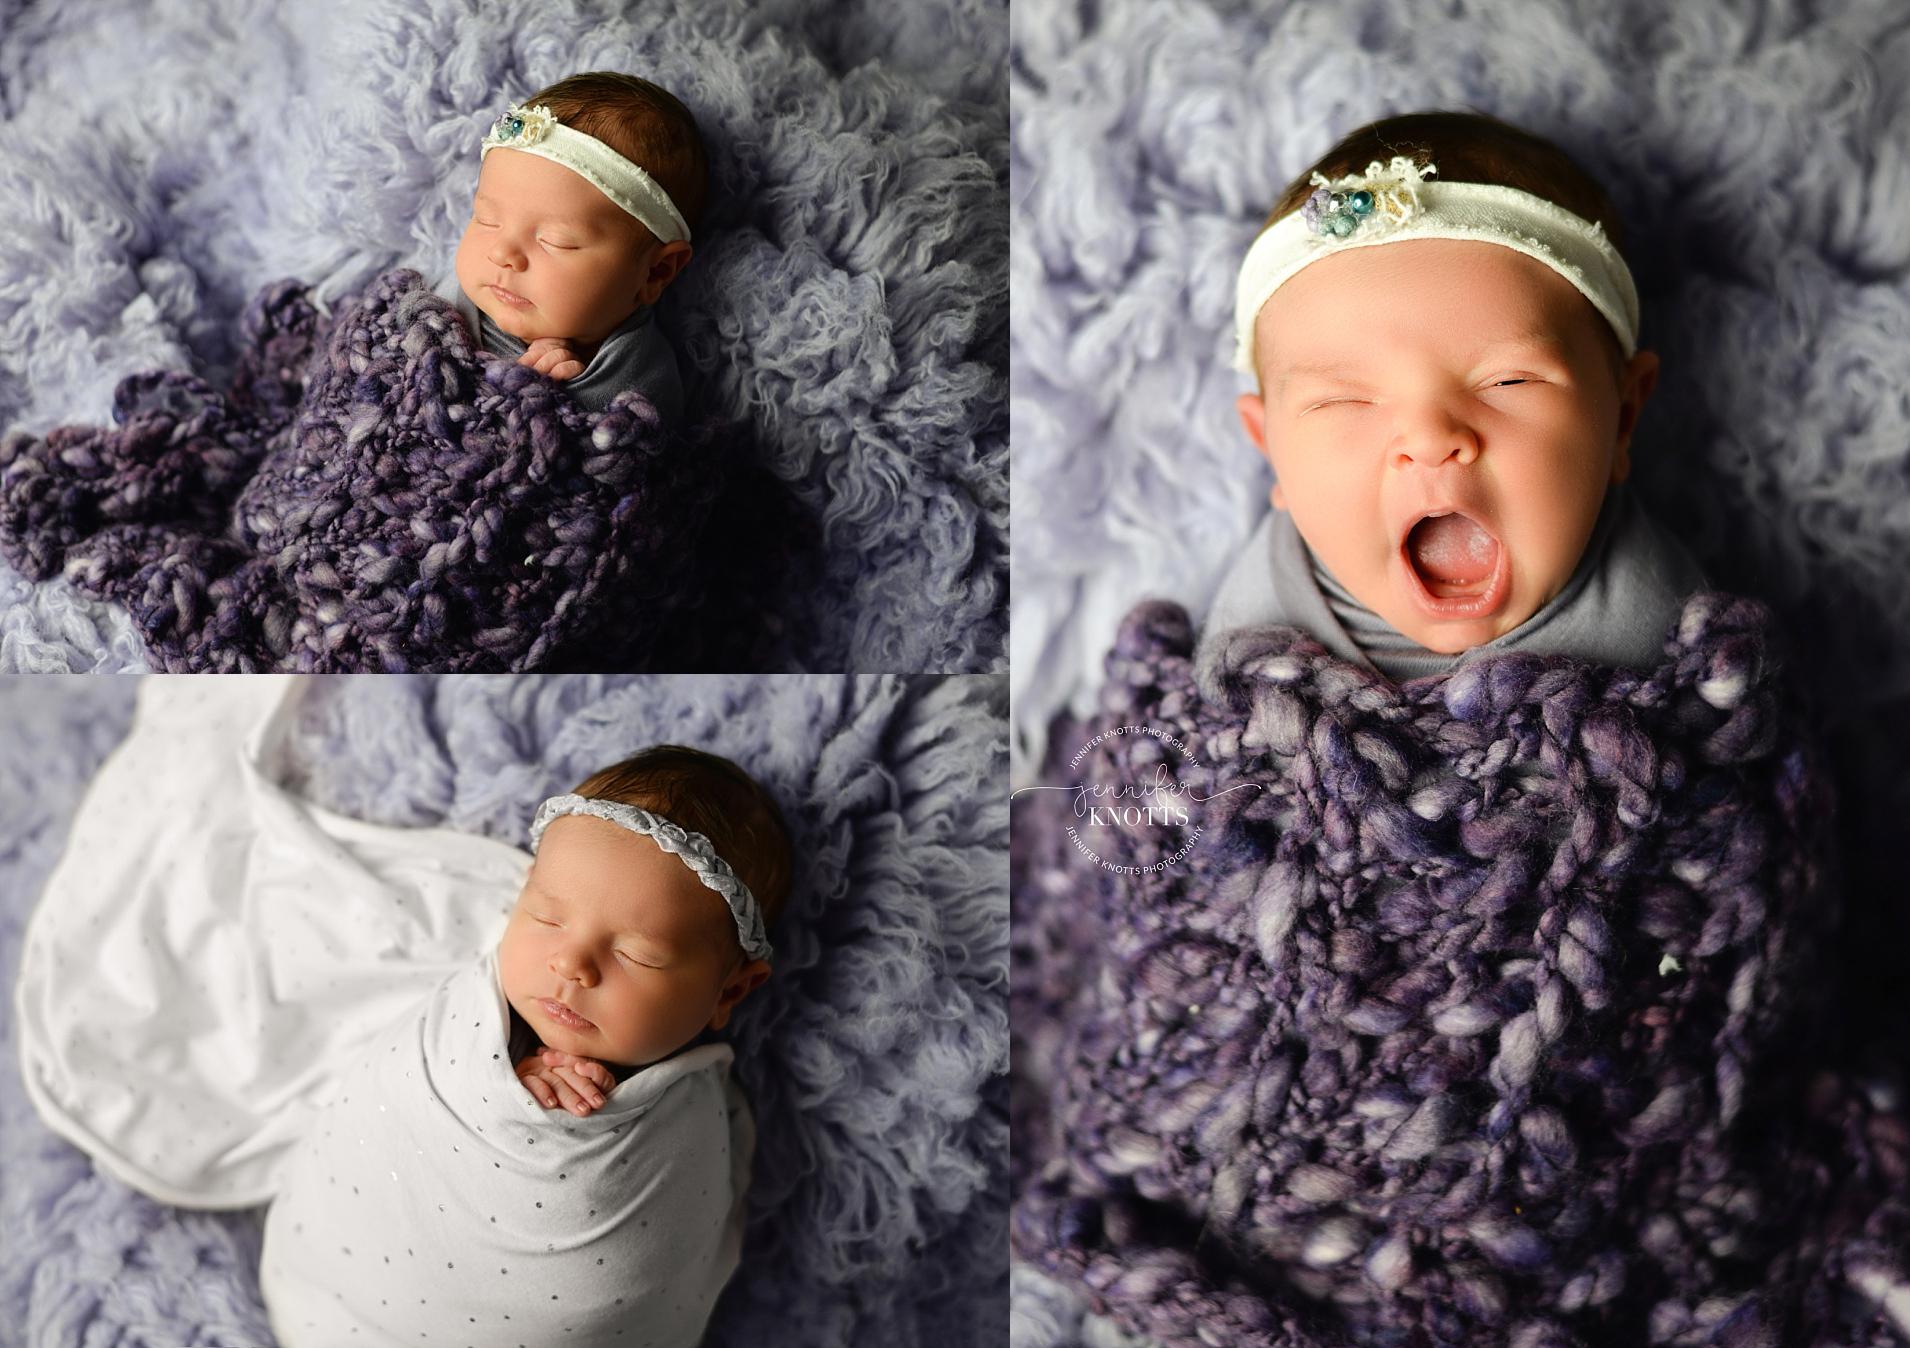 baby girl sleeps and yawns on purple fabric